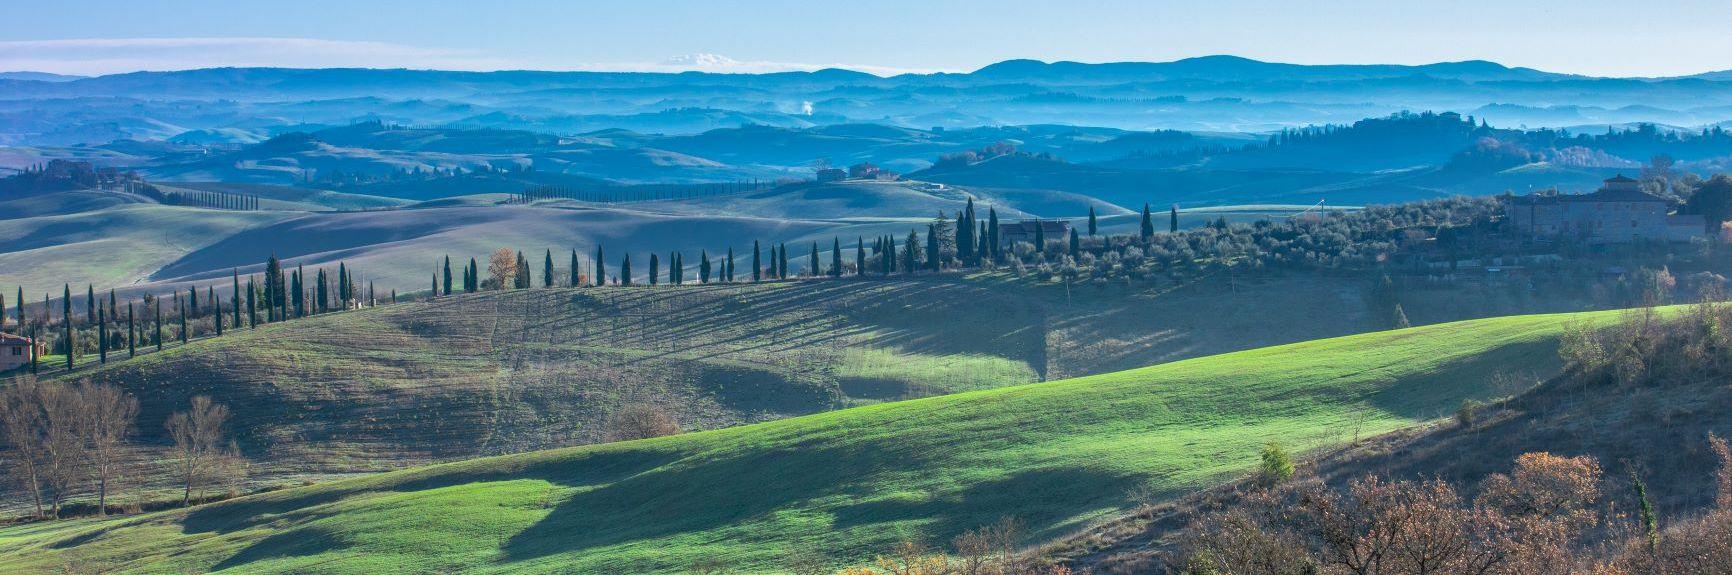 Area Produttiva Isola, Siena, Tuscany, Italy